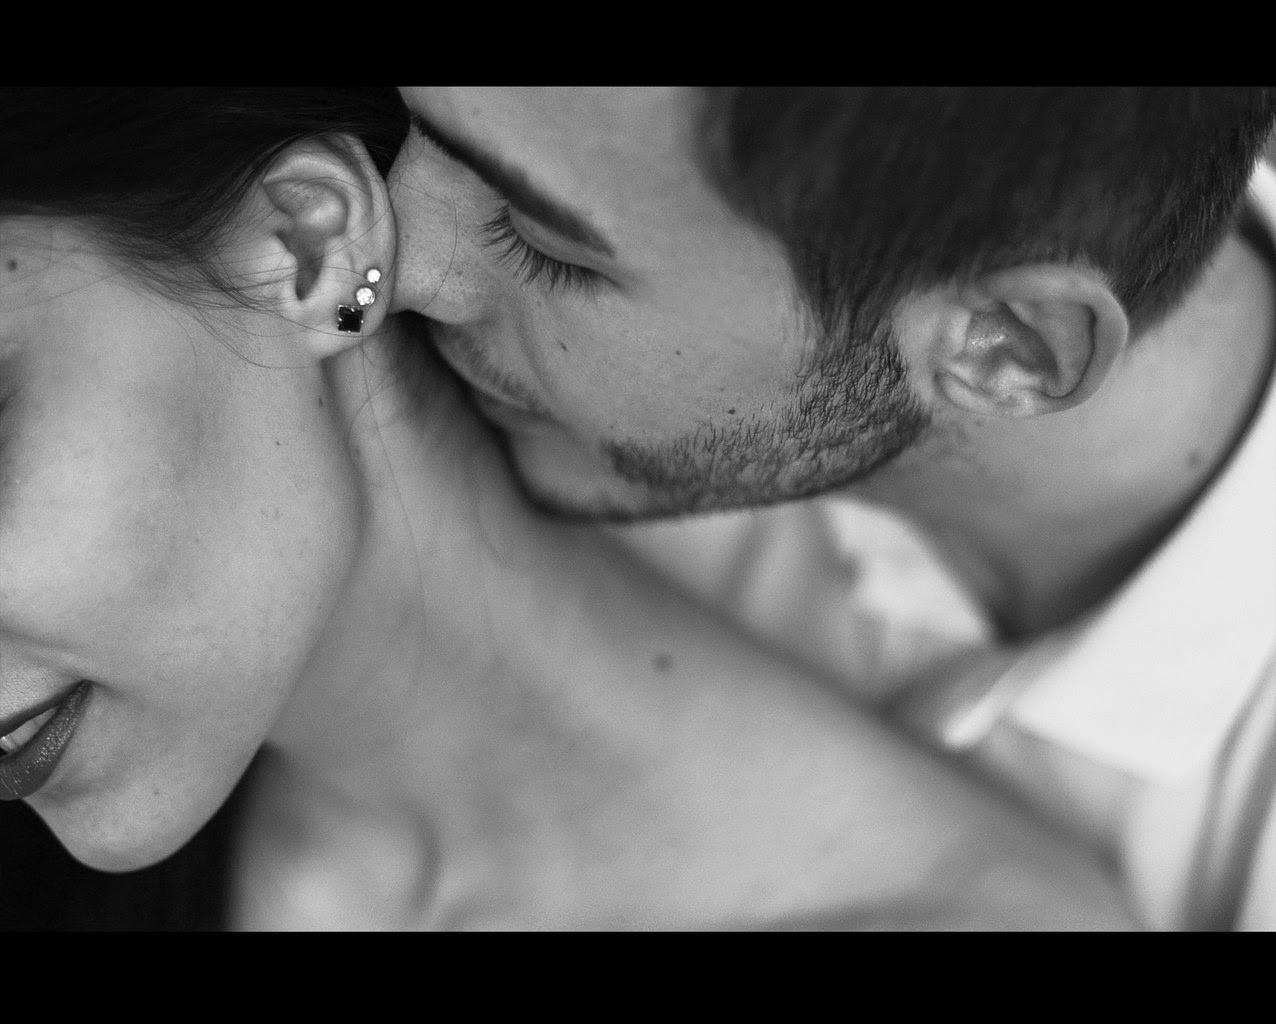 может такой поцелуи в ухо и шею картинки статье указано